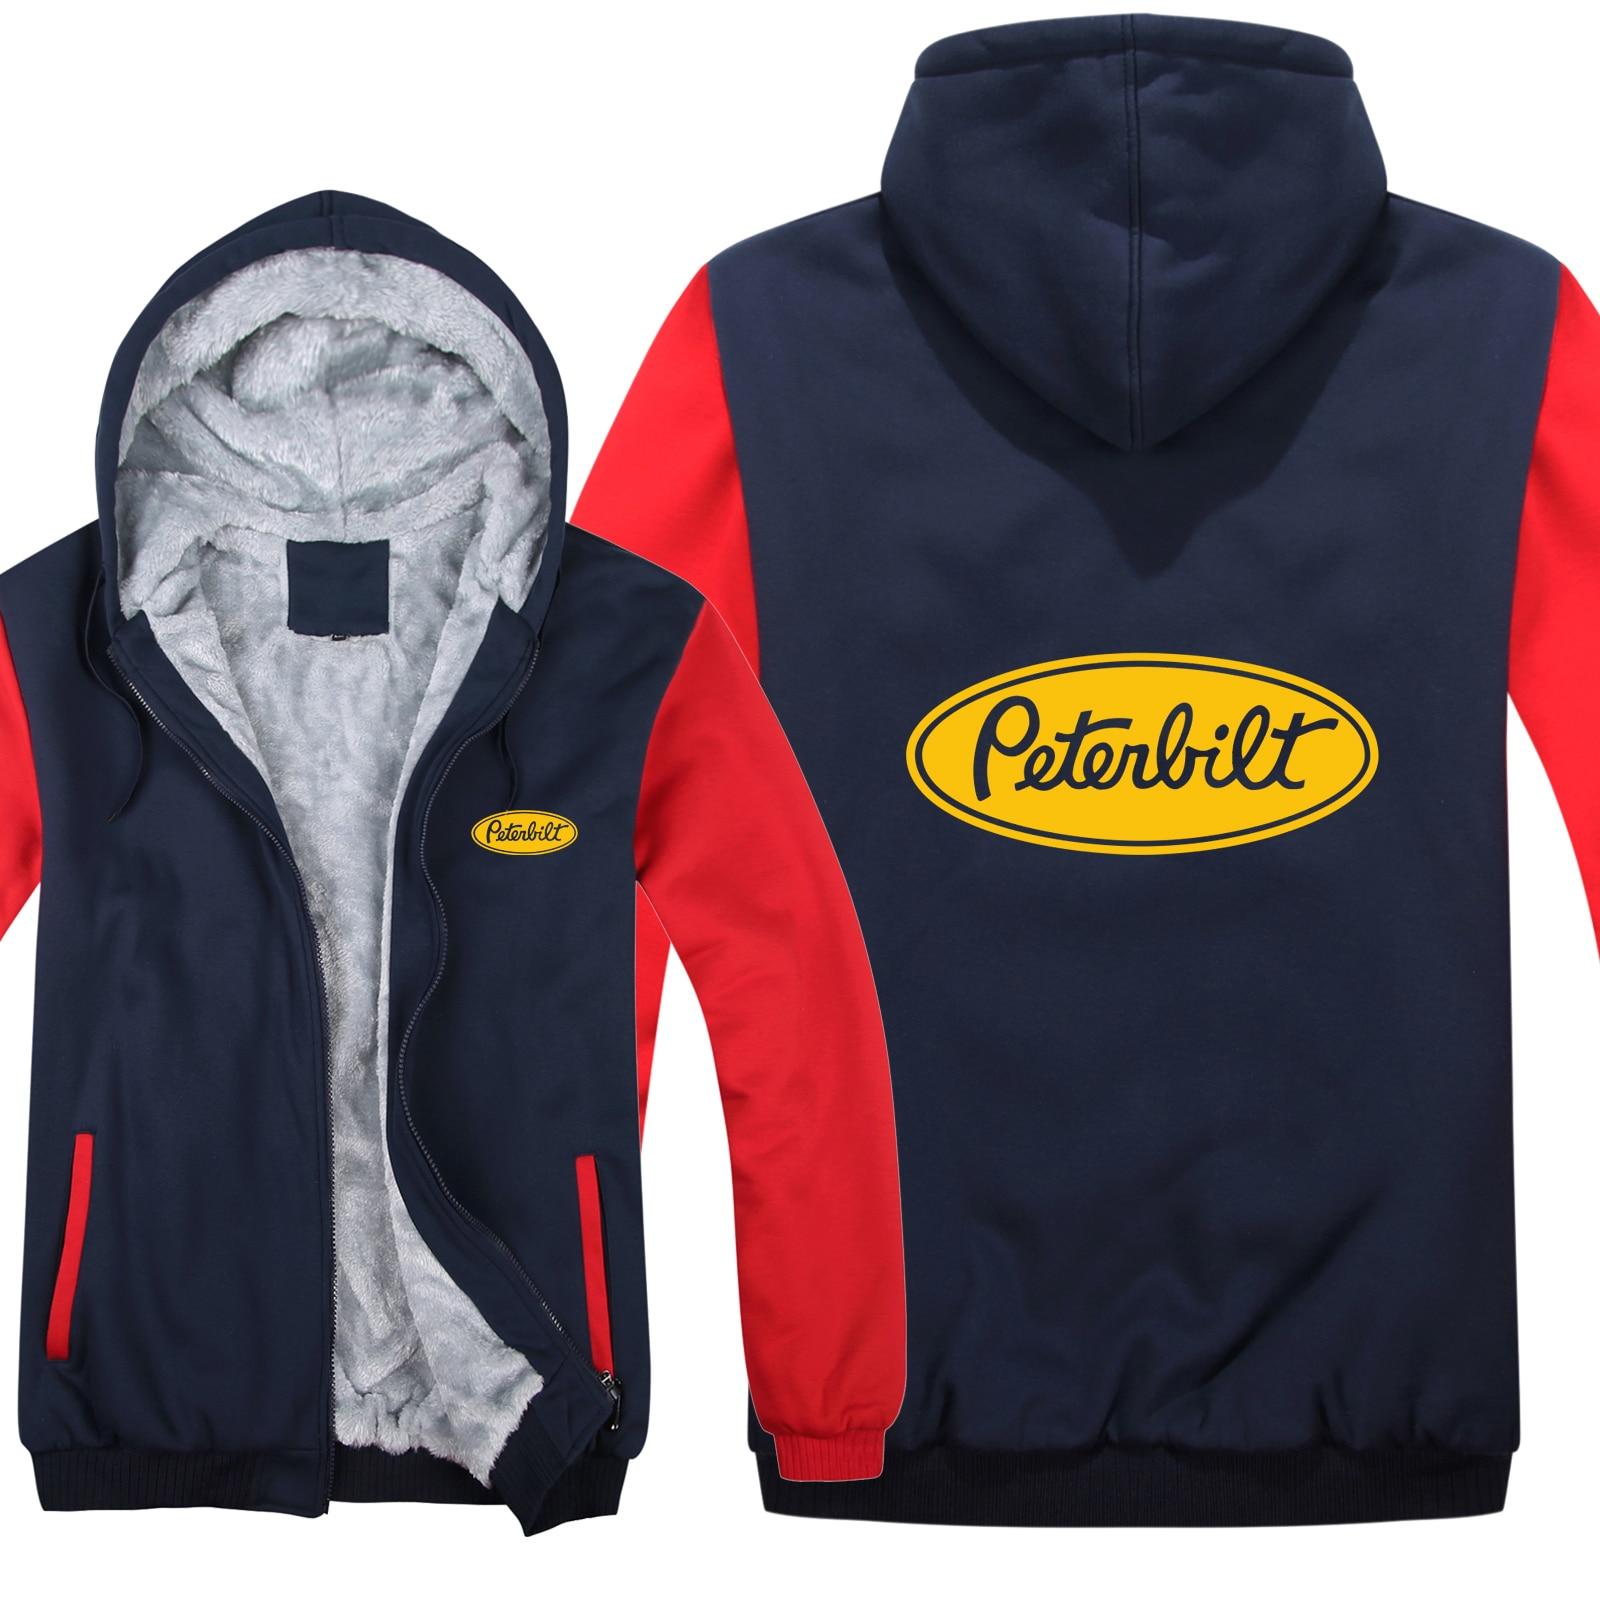 Image 5 - Грузовиков peterbilt, толстовка с капюшоном для мужчин, модный  теплый шерстяной свитер, зимняя куртка Peterbilt, Толстовка для мужчин,  пальто, HS 019Толстовки и кофты